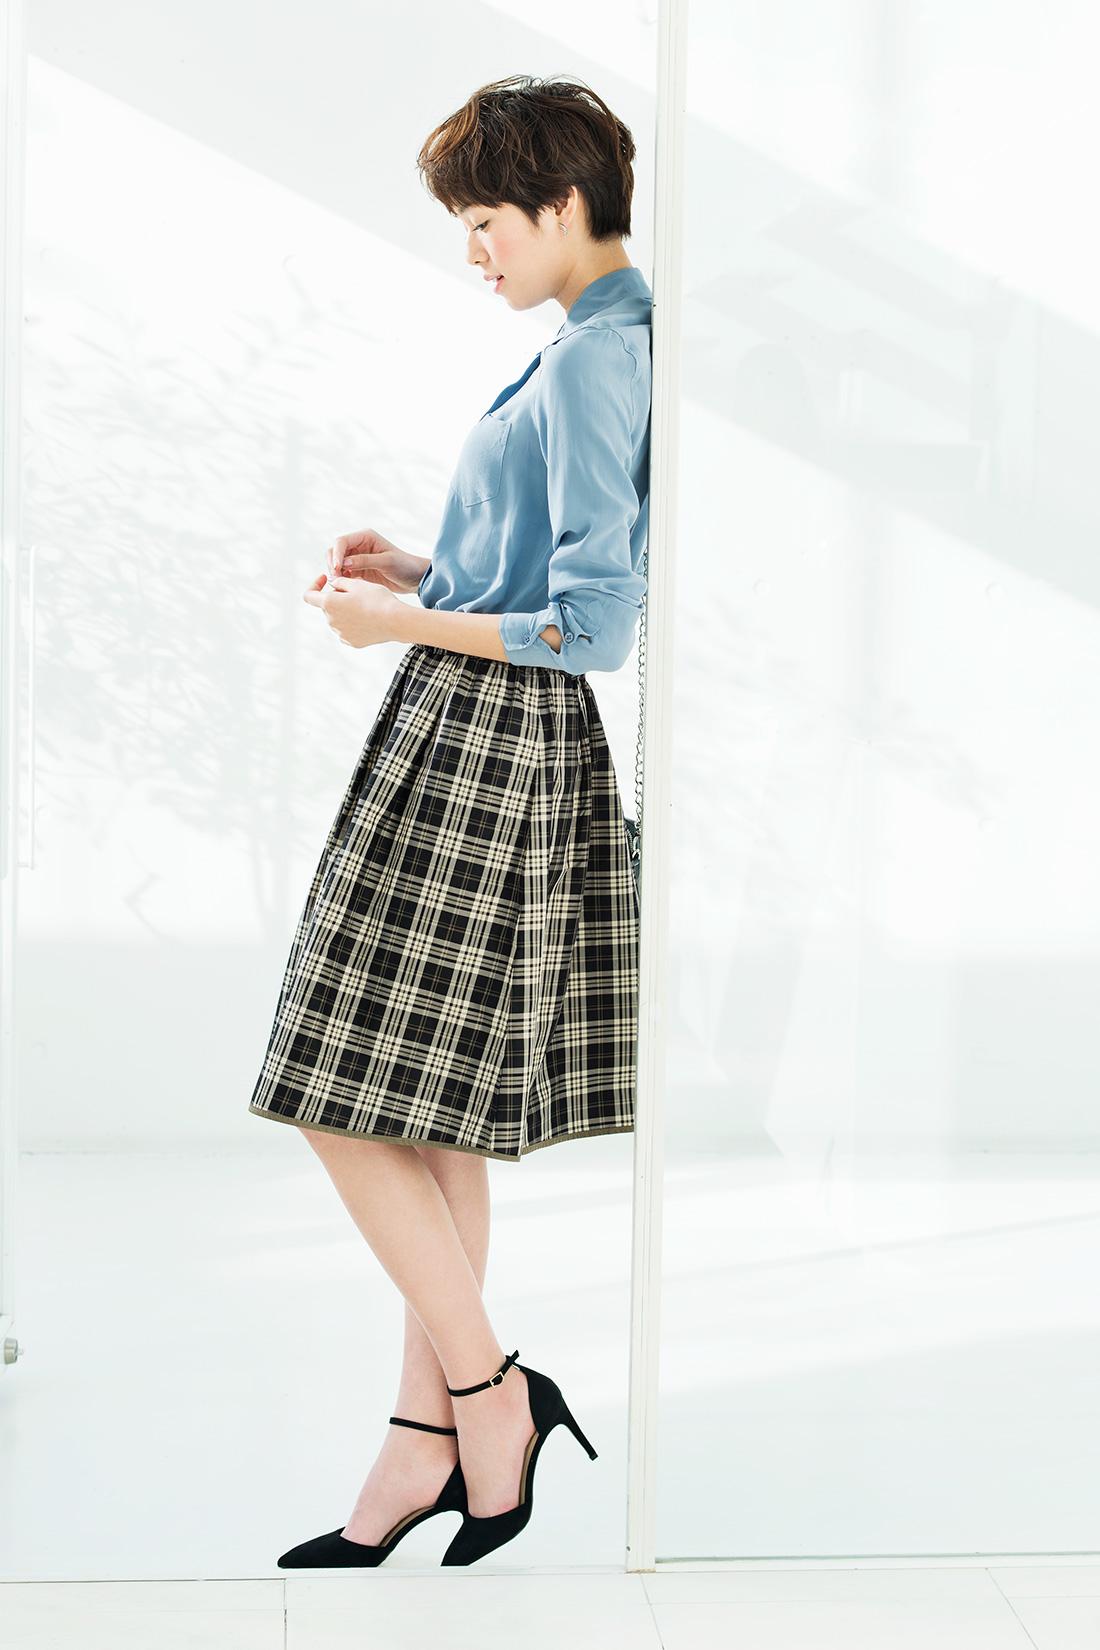 着こなしの幅を広げる2-WAYスカートで印象を自由にスイッチ! ※着用イメージです。お届けカラーとは異なります。